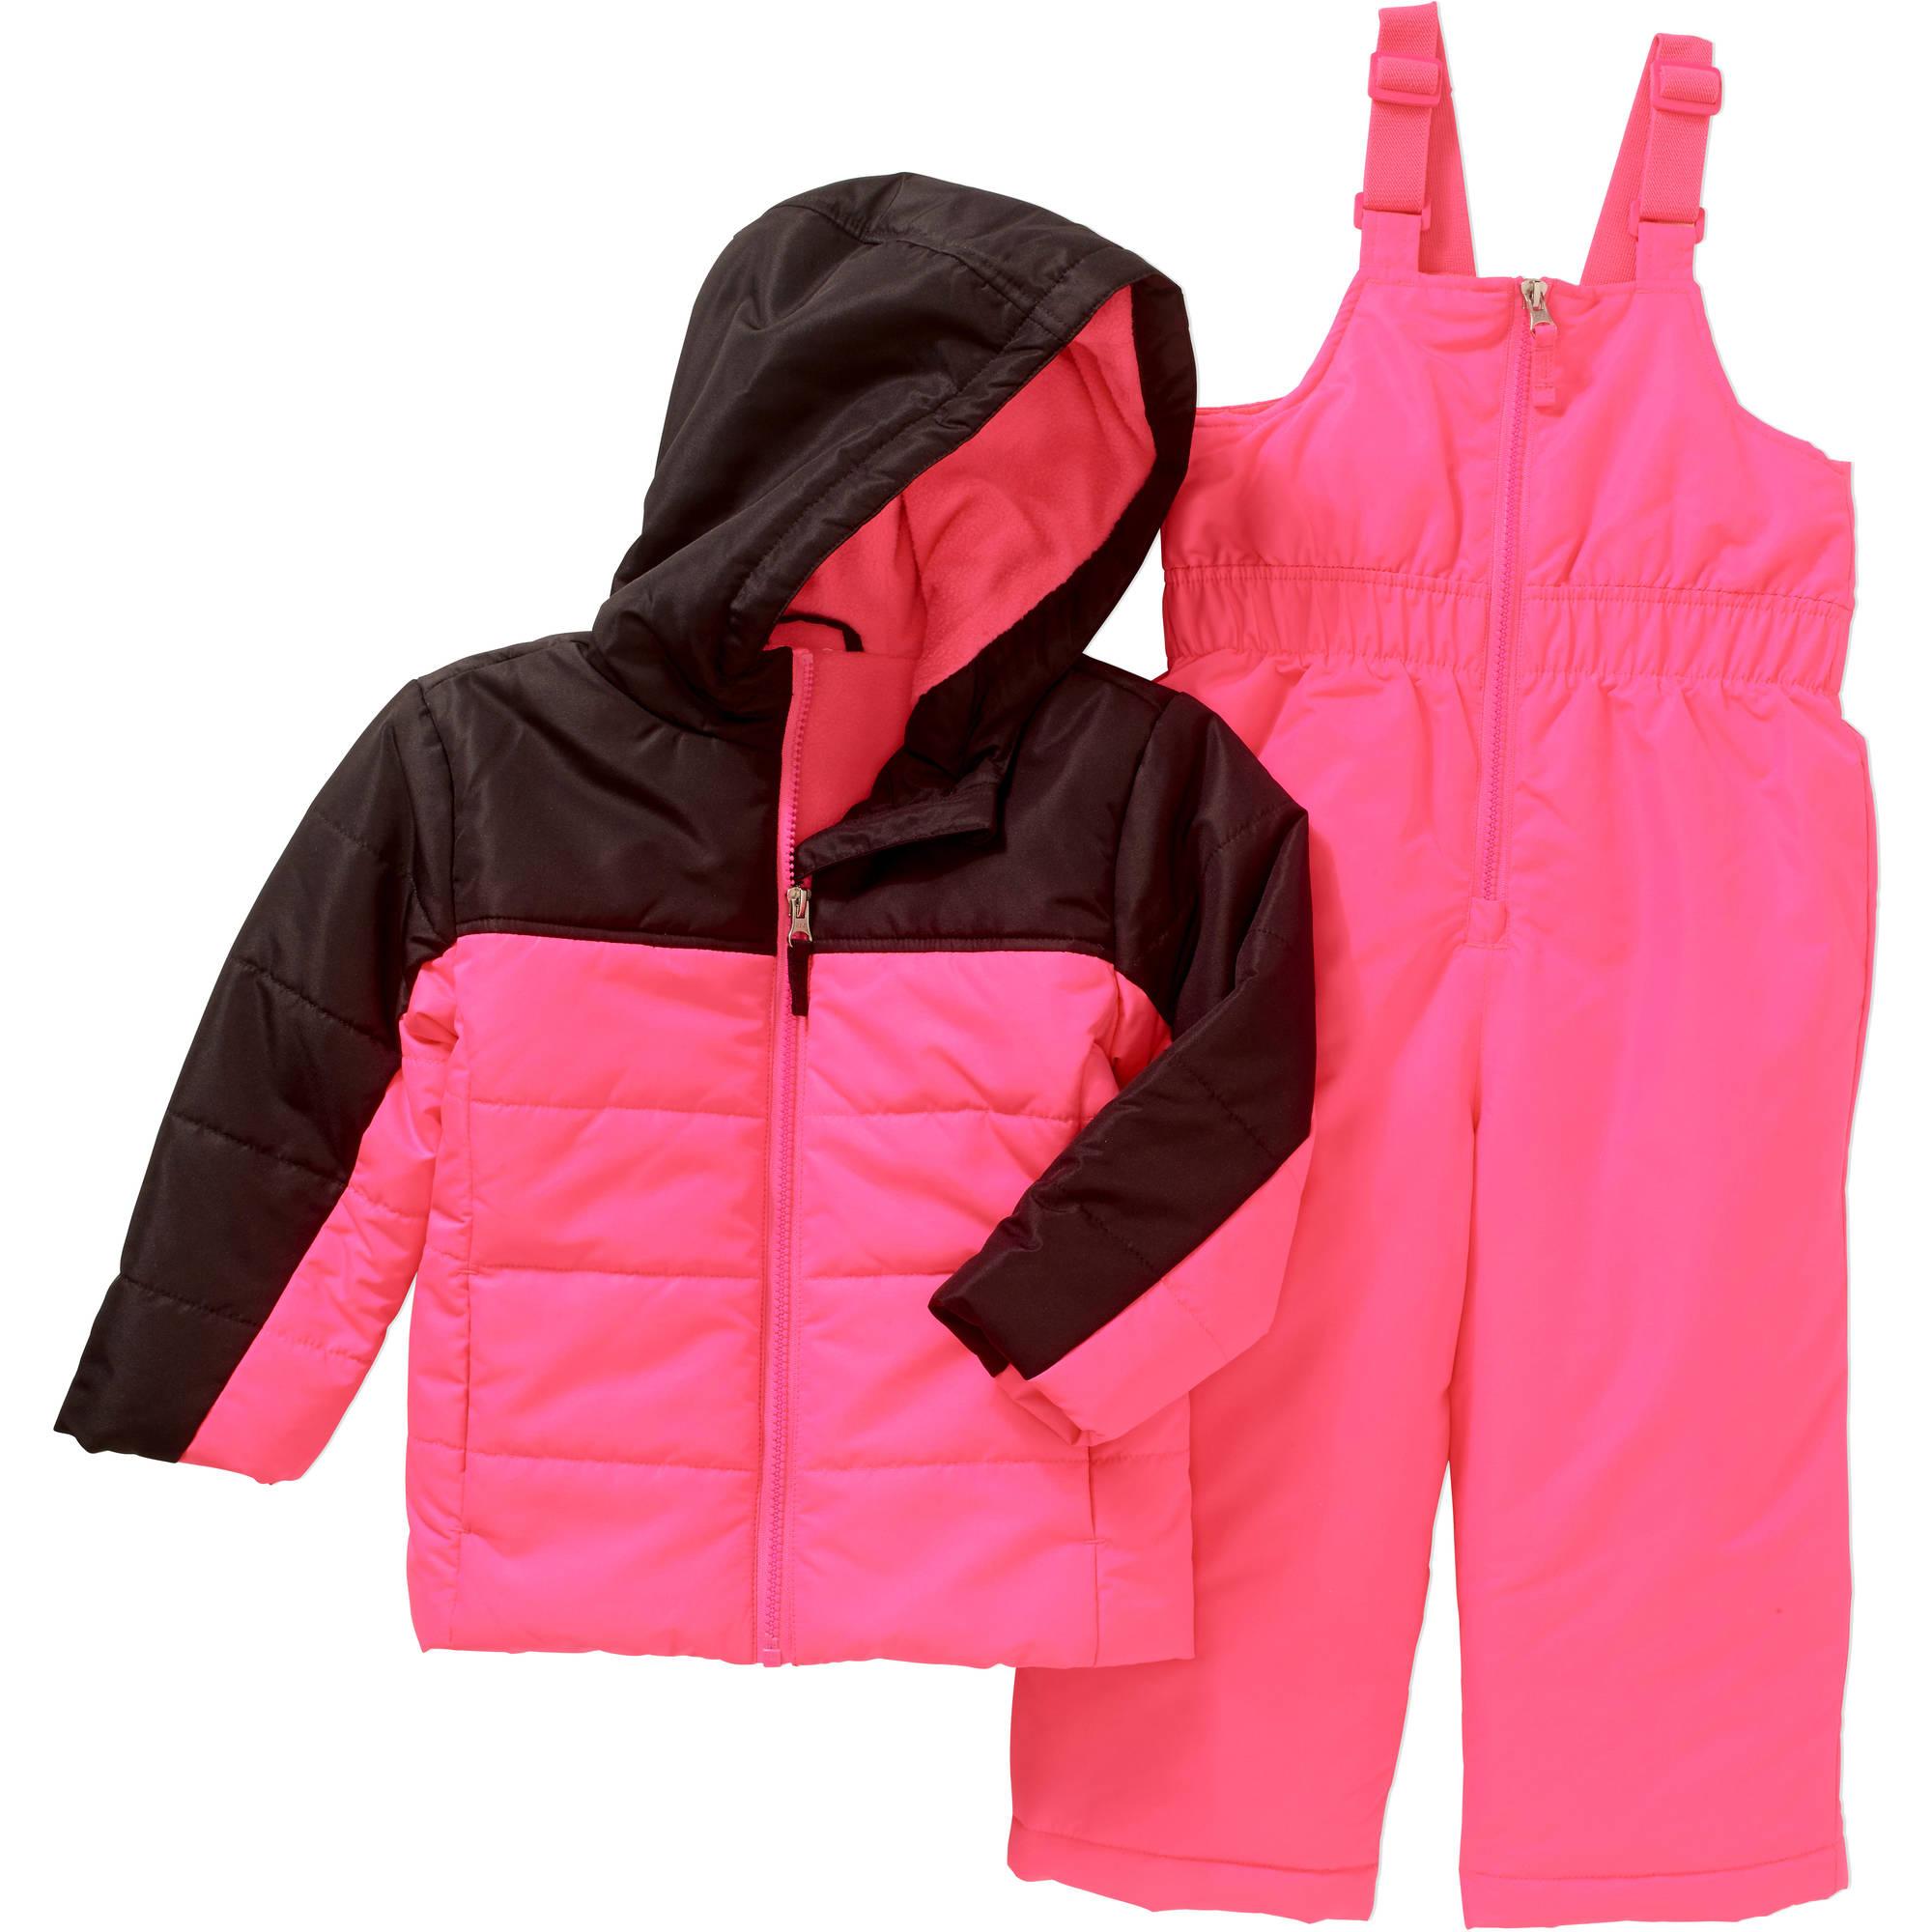 Toddler Girls' Bib and Jacket Ski/Snowboard 2-Piece Set